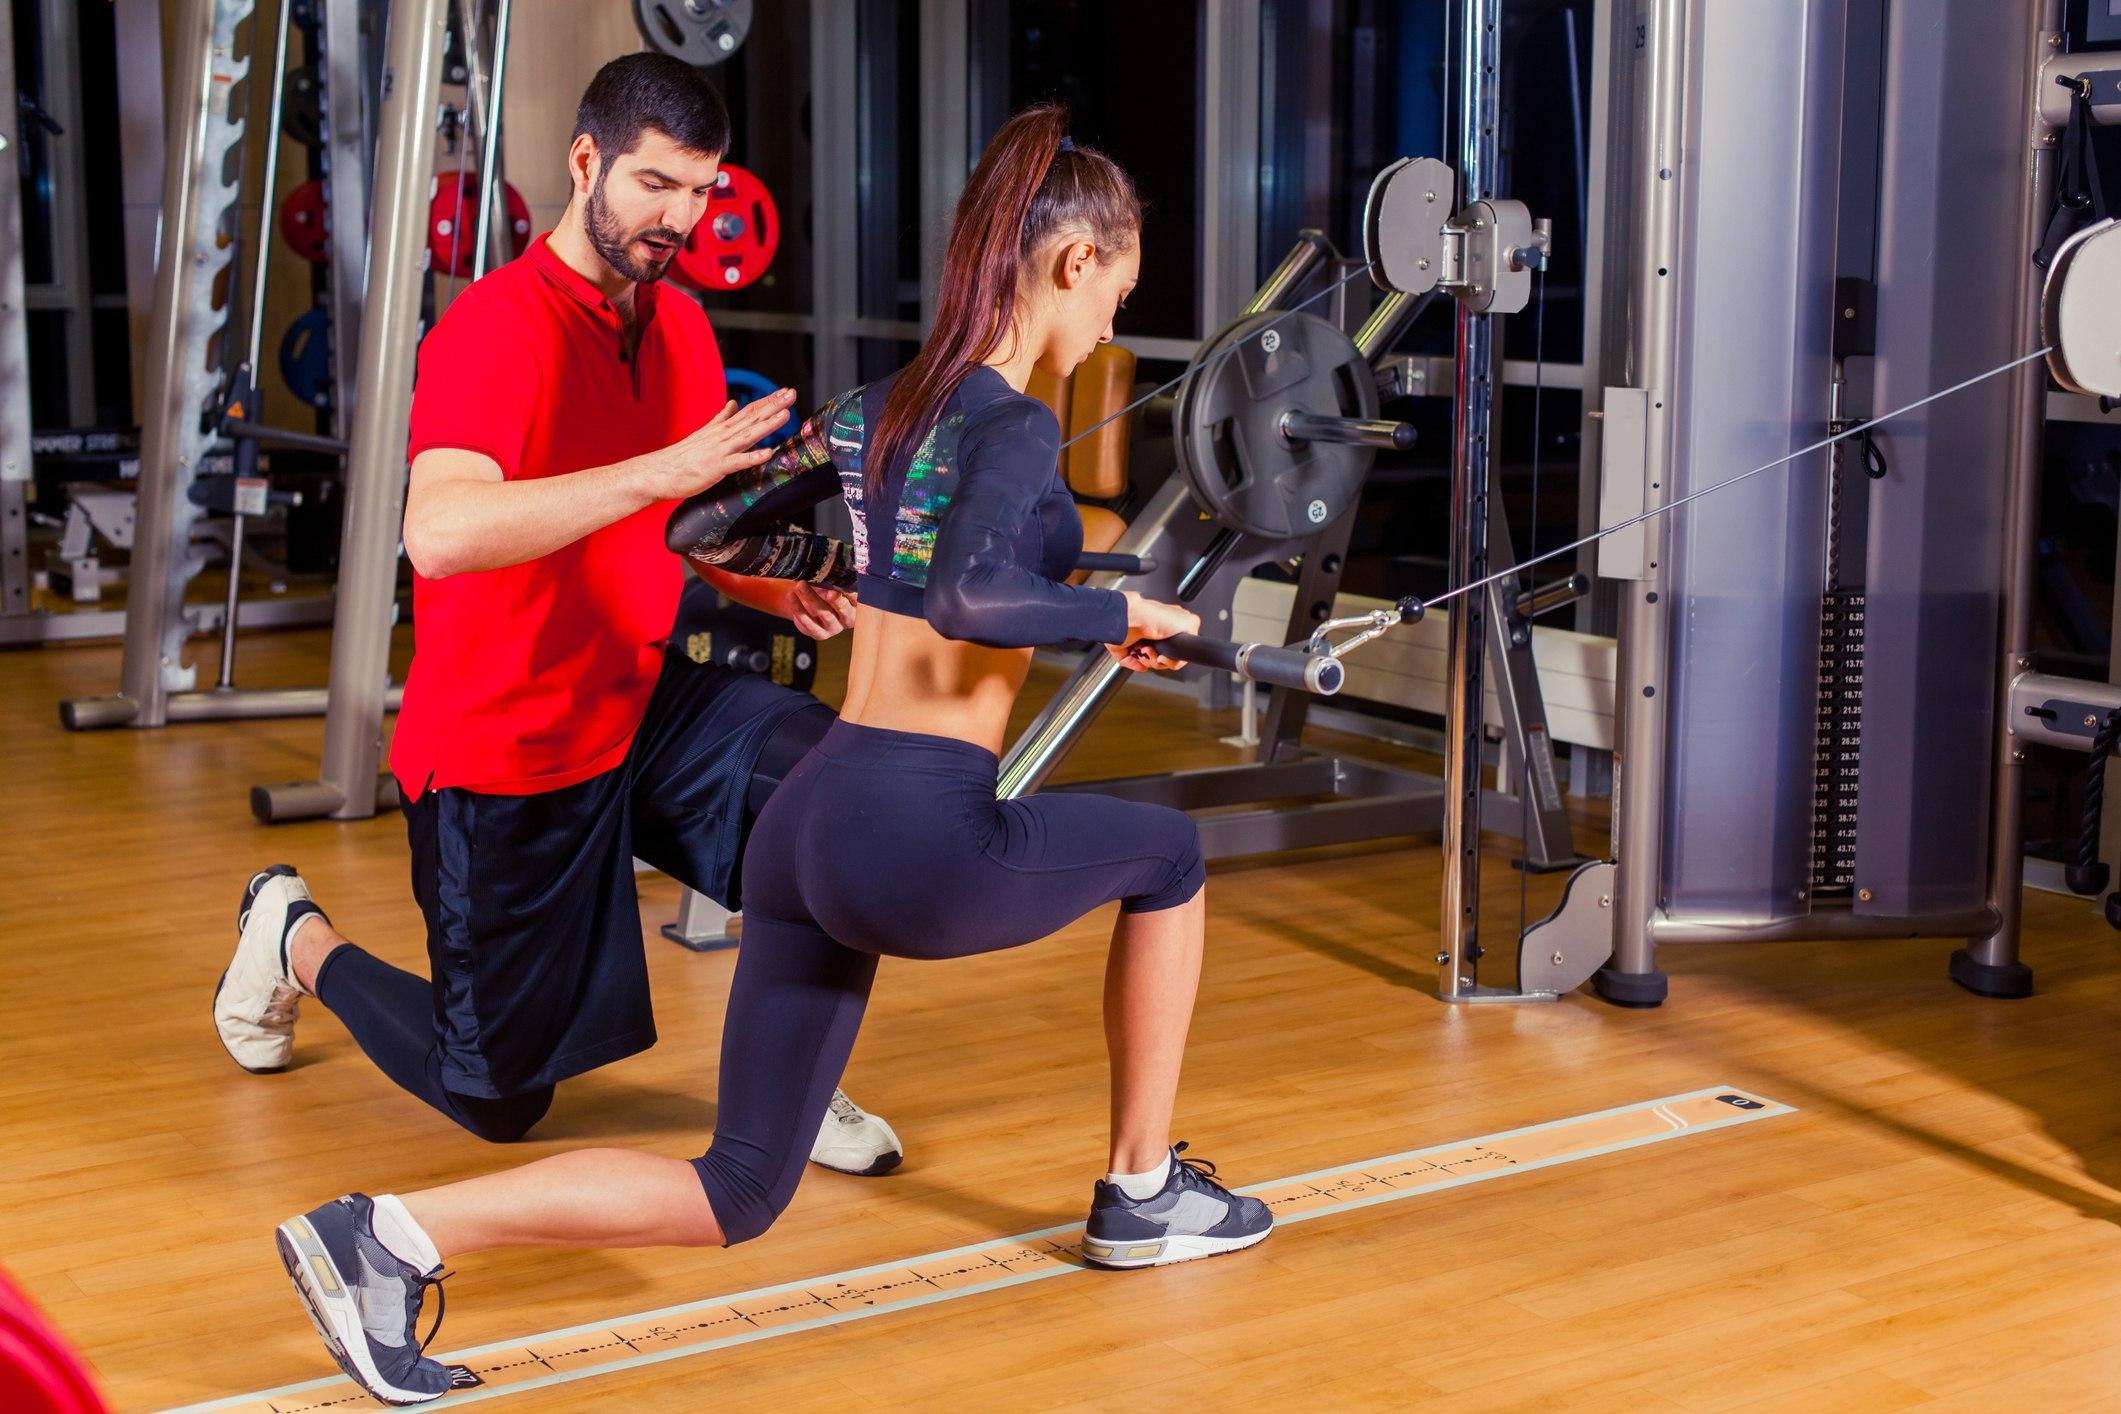 Что такое оценка фитнесс пригодности?